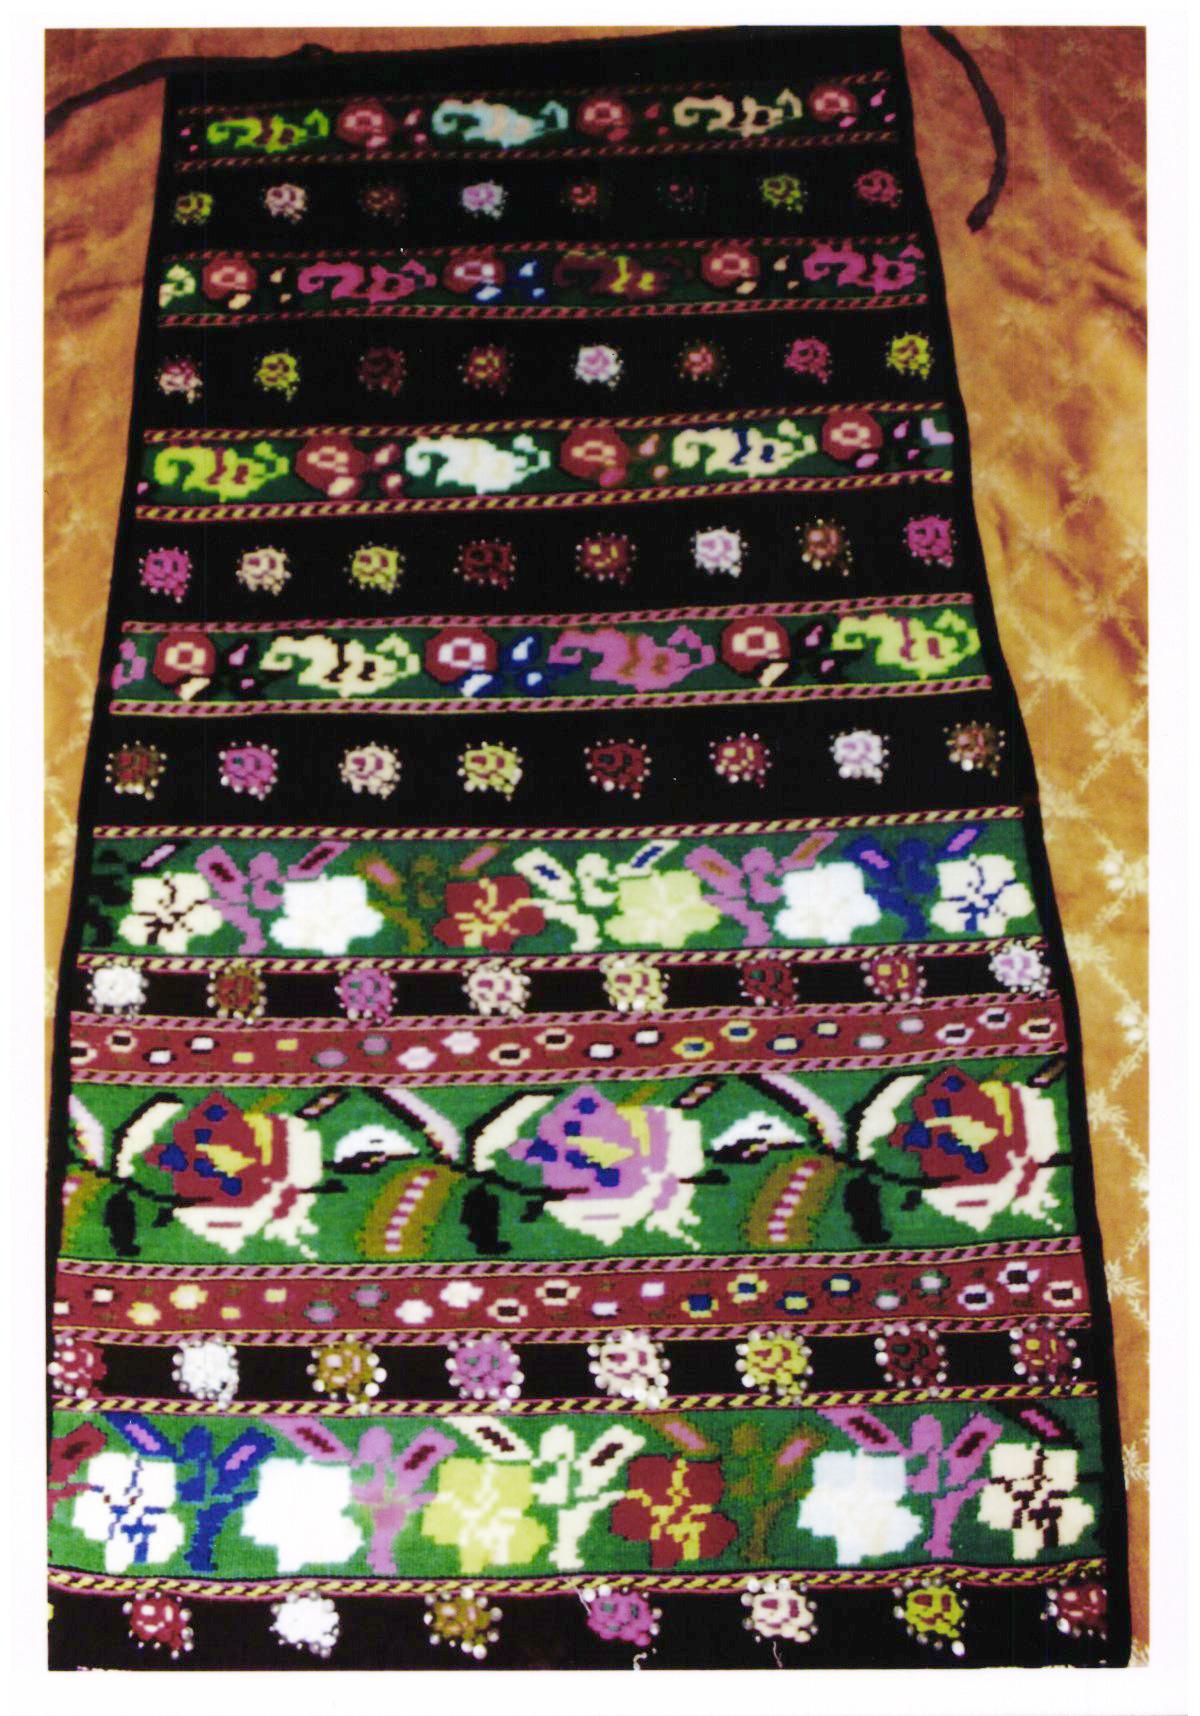 Şorţ femeiesc - anonim; Şorţ la spate - Muzeul Viticulturii şi Pomiculturii - GOLEŞTI (Patrimoniul Cultural National Mobil din Romania. Ordin de clasare: 2356/14.06.2017 - Tezaur)